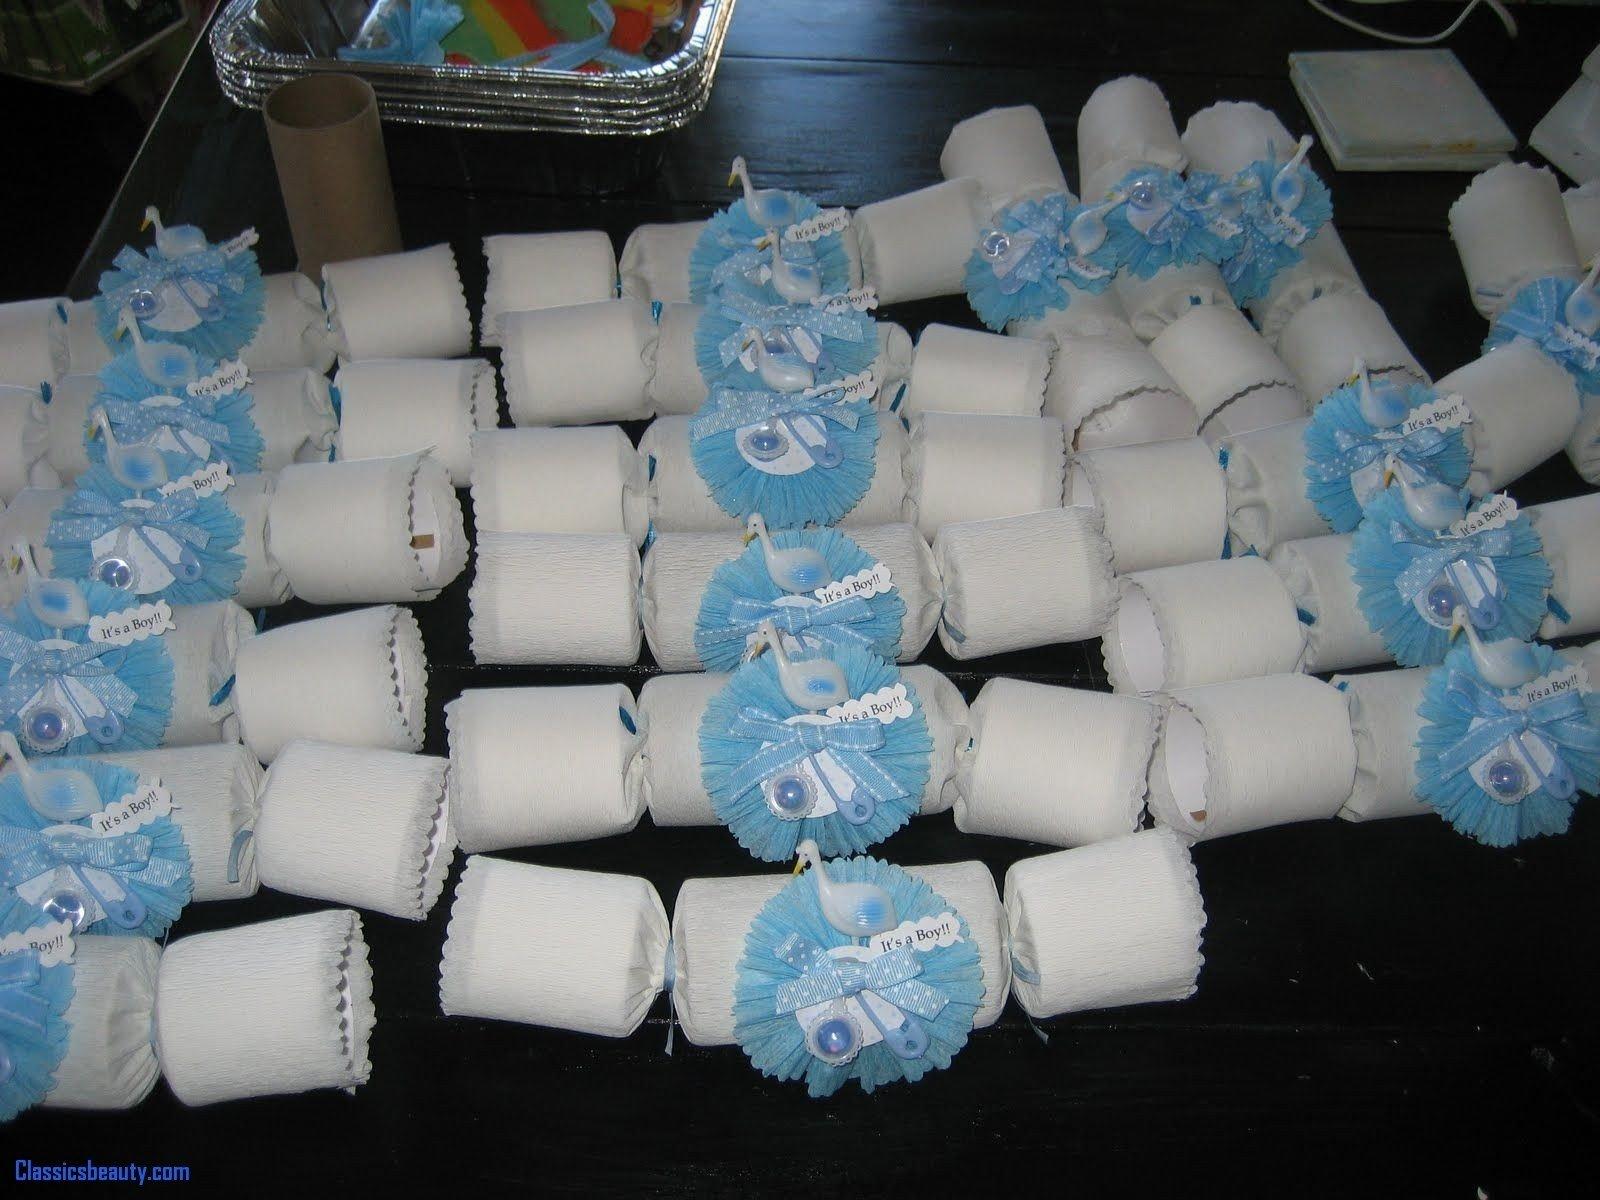 10 Unique Cheap Baby Shower Decoration Ideas ideas baby shower favors pinterest centerpieces diy uk cheap 2020